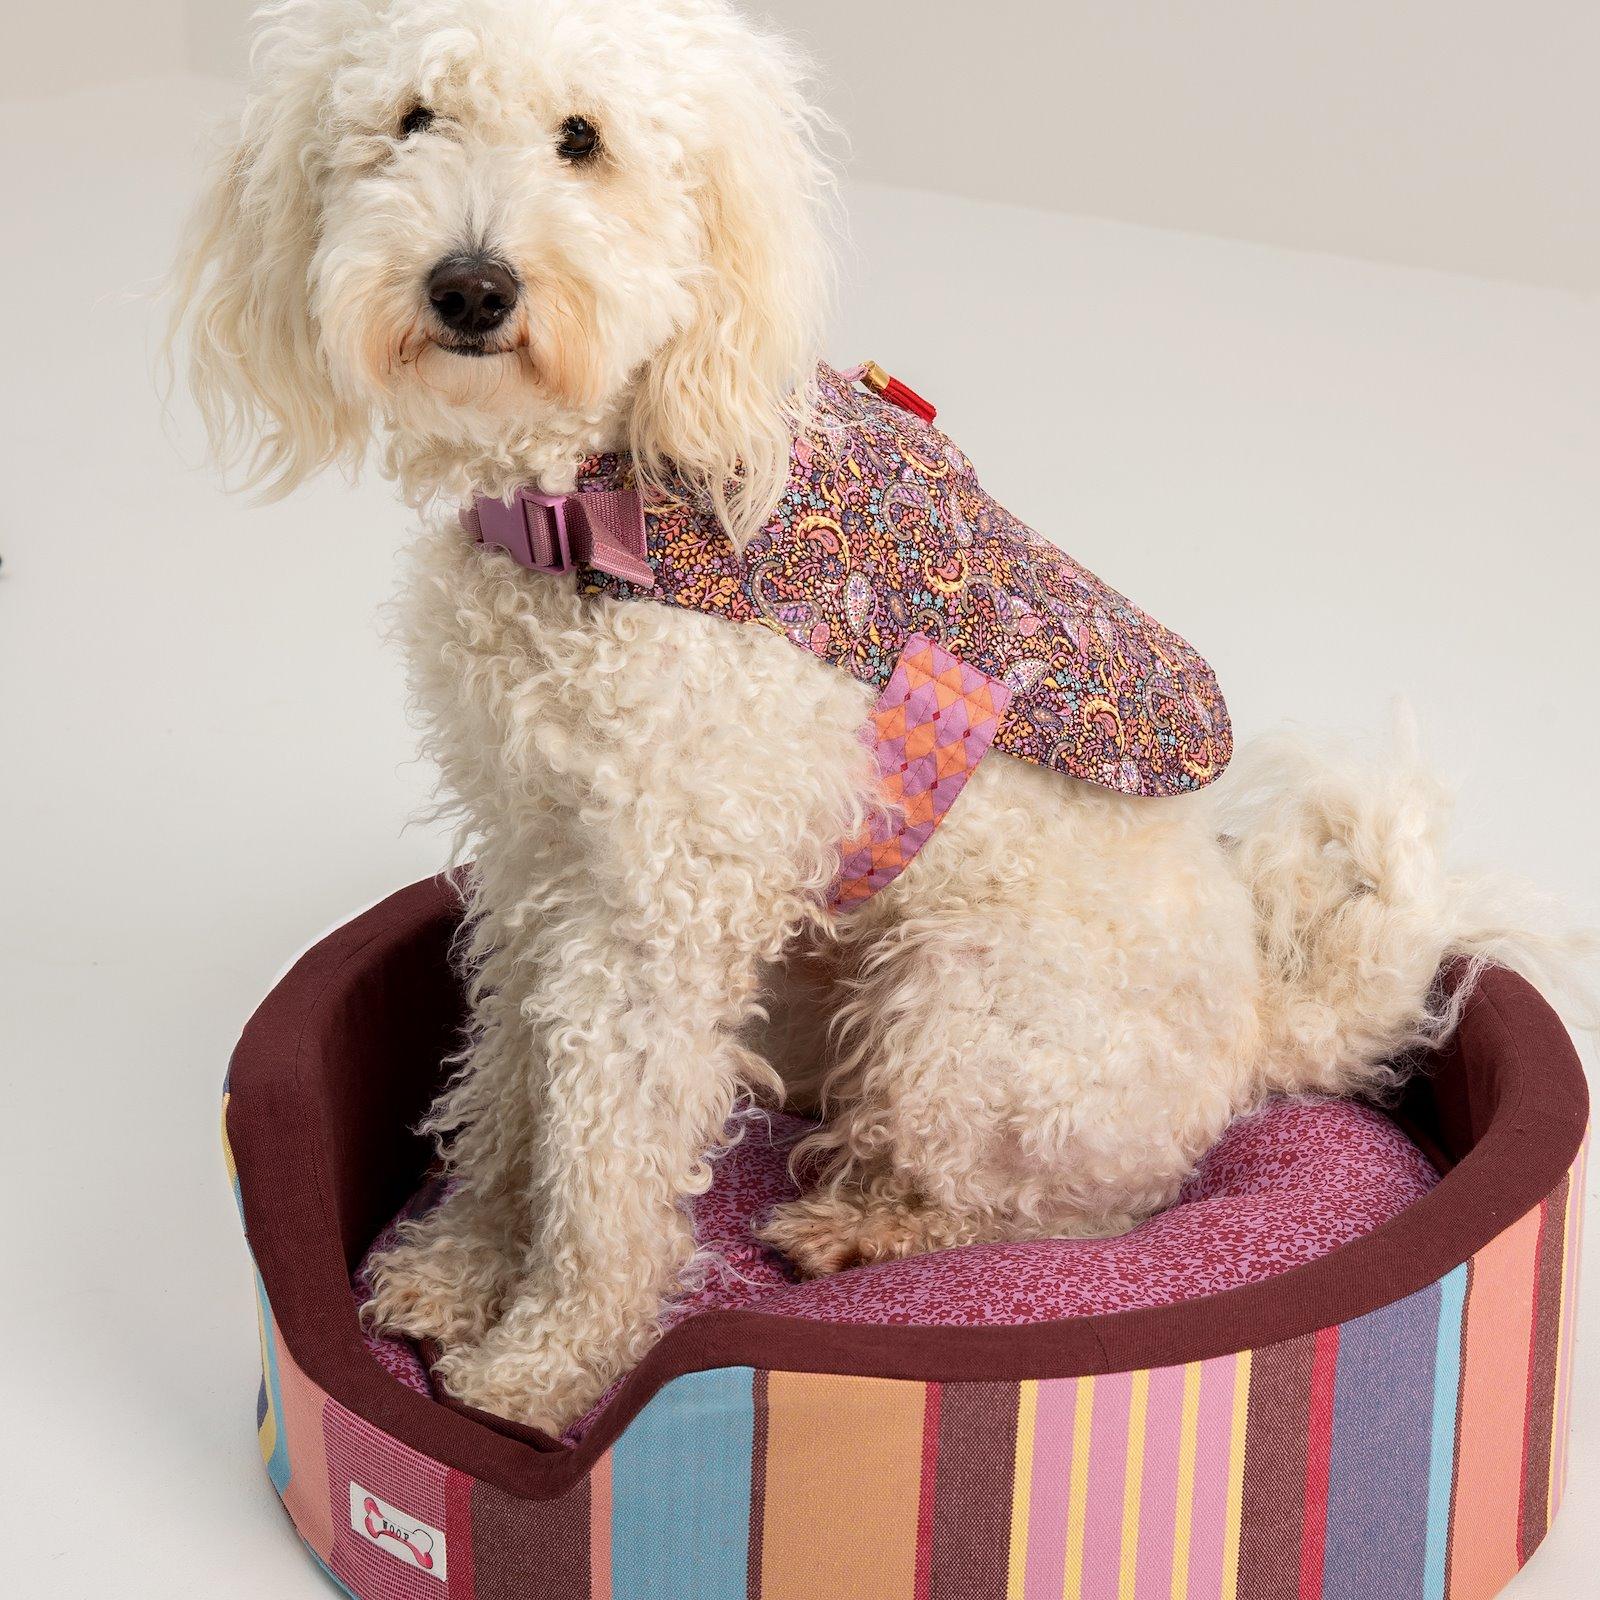 Dog coat p90346_852409_852410_780542_910281_22303_22307_45201_30040_bundle